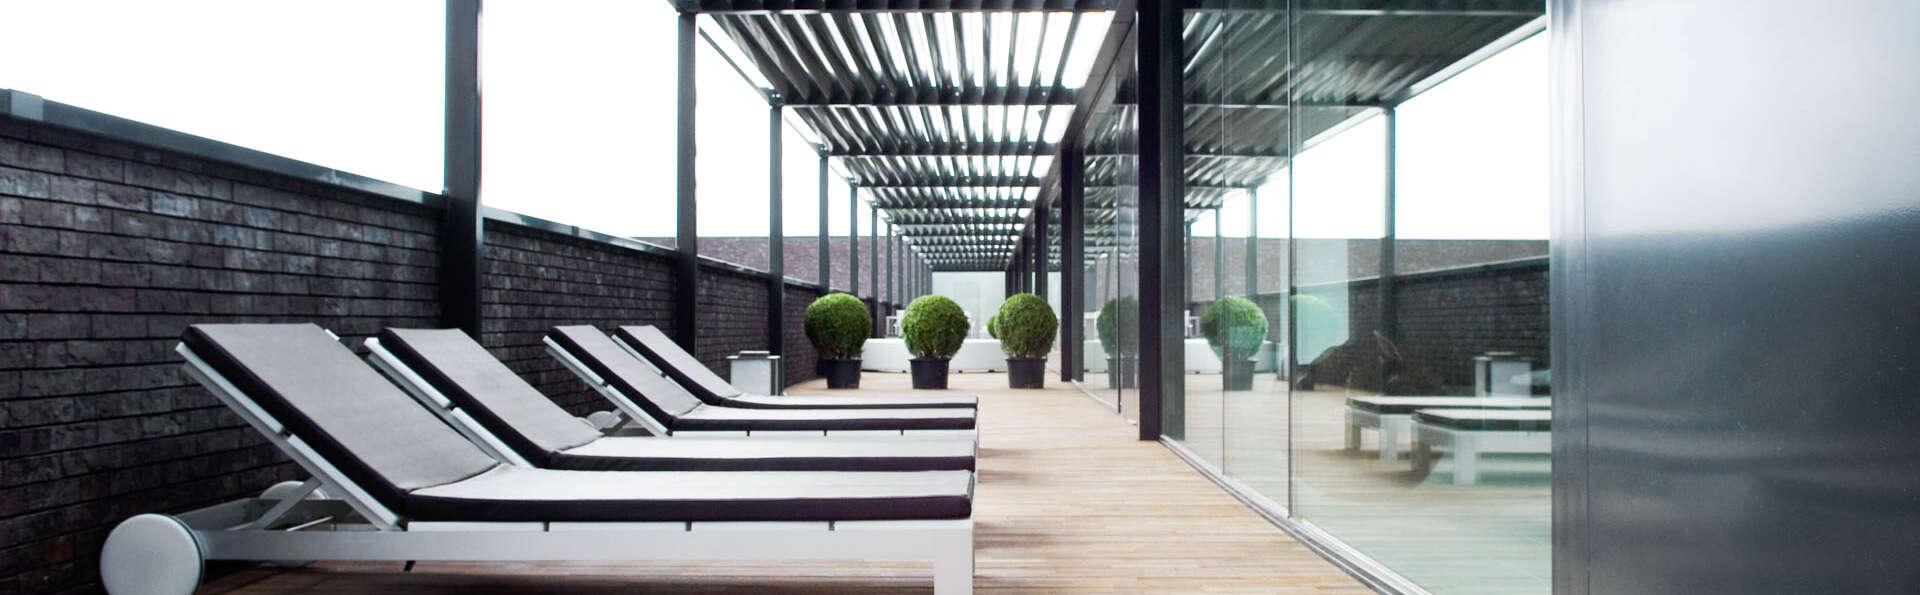 Séjournez dans un hôtel design unique et profitez du spa Carbon Sense